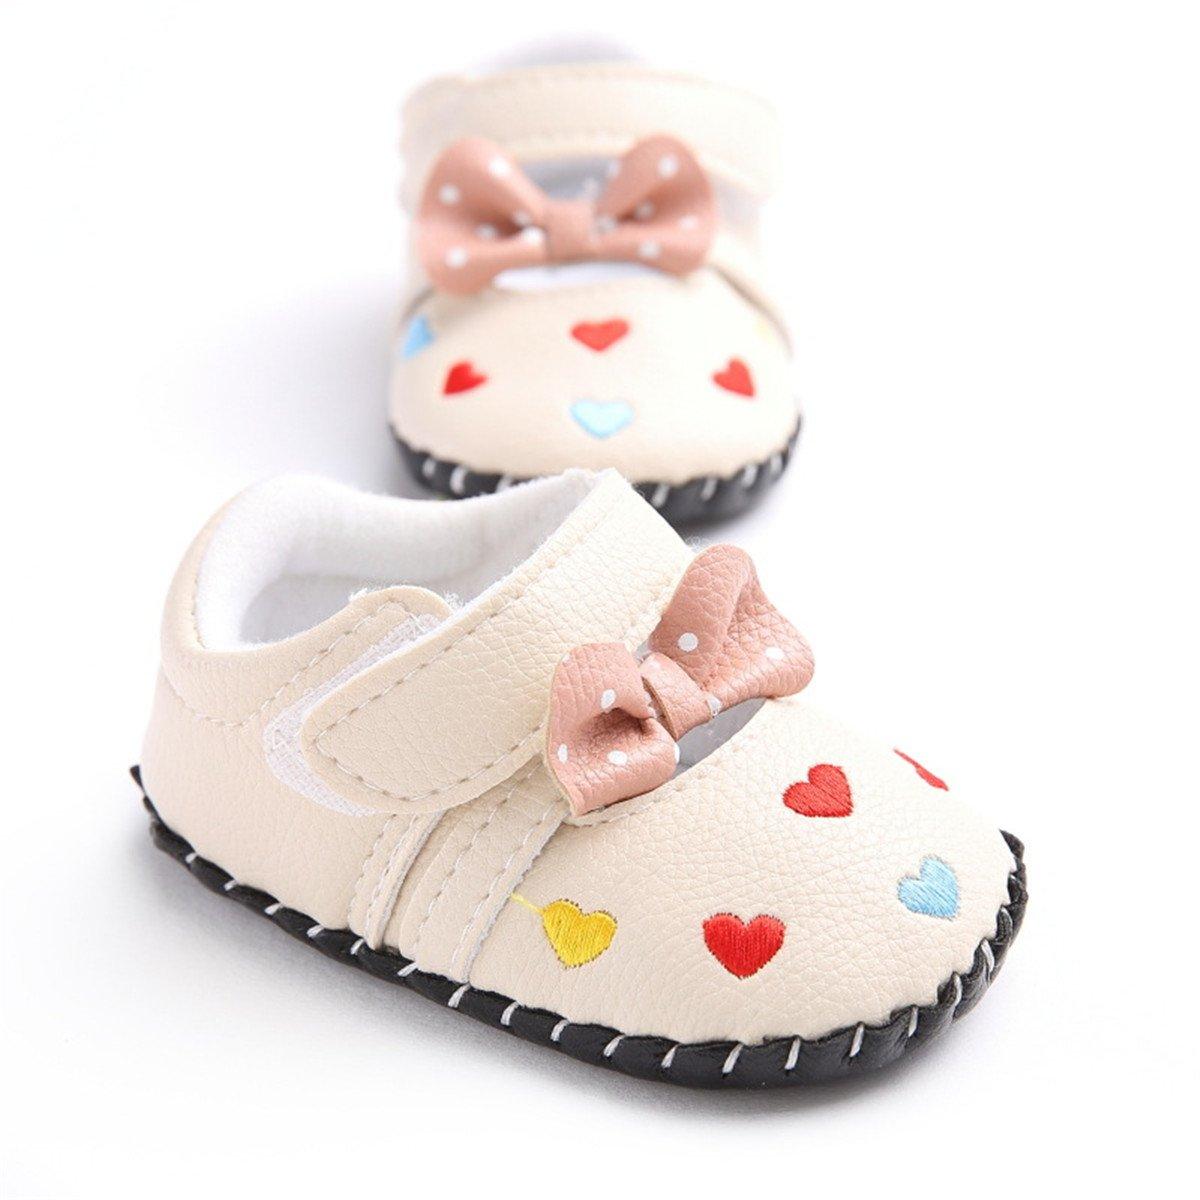 Meckior Infant Baby Girls Sandas Summer Soft Leather No-slip Princess Shoes (6-12months, color 2)